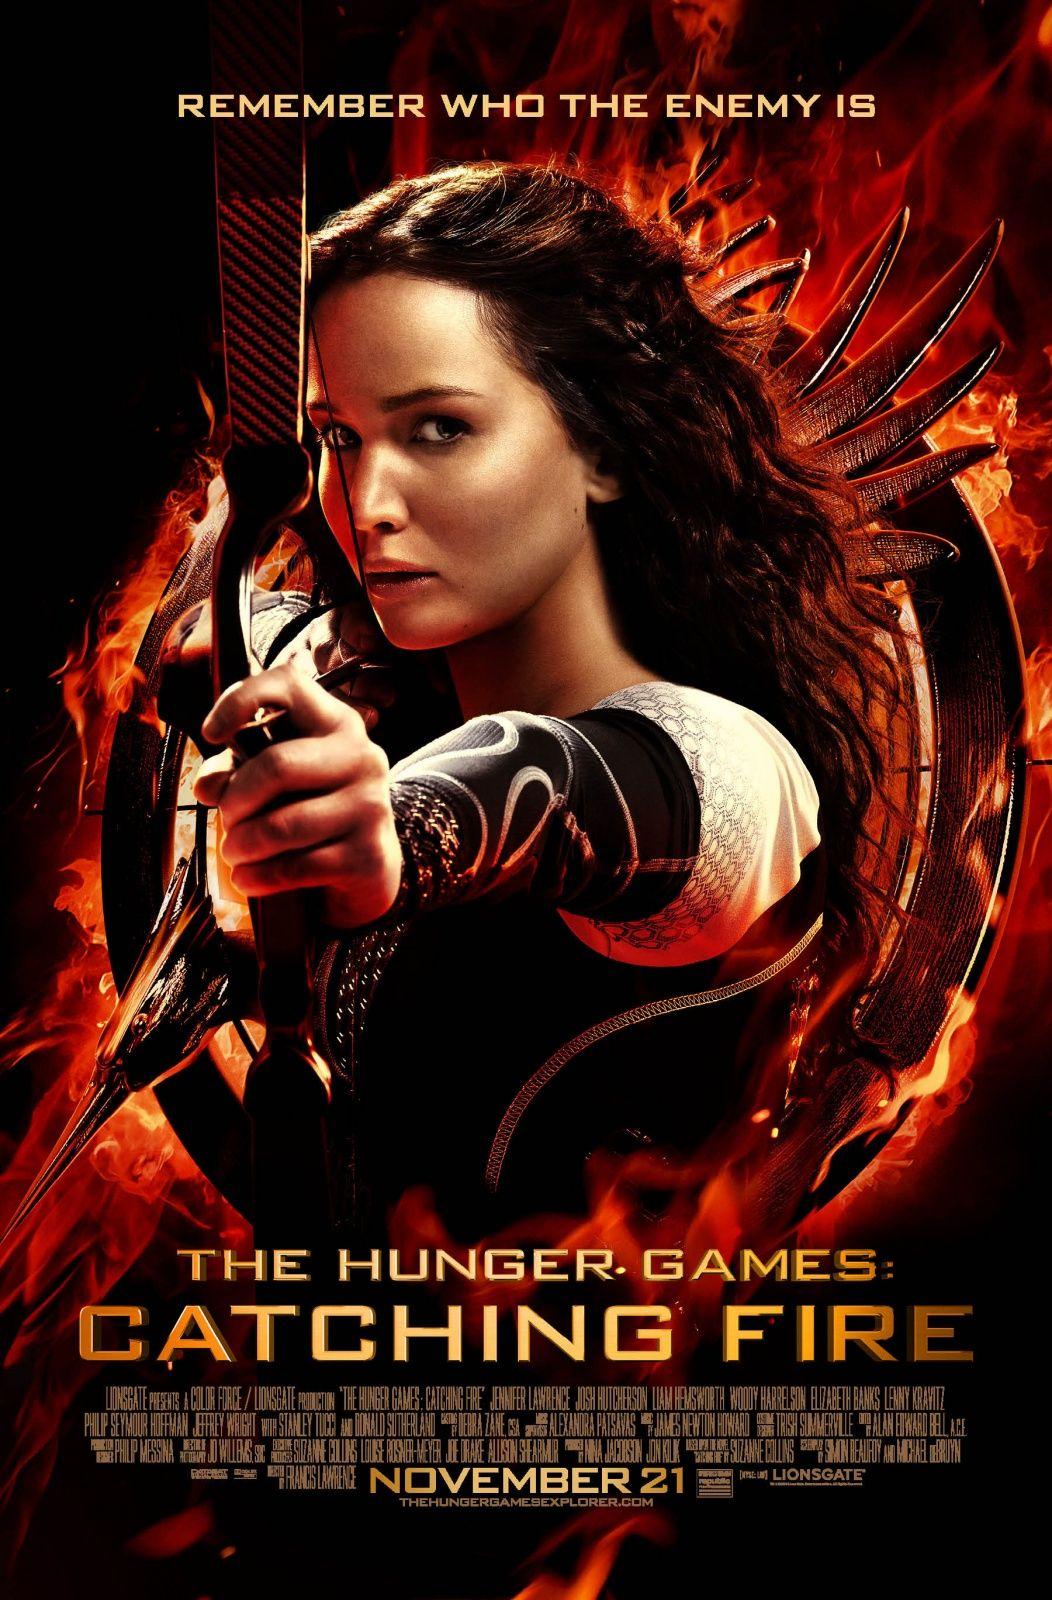 The hunger games - Catching fire | Filme, música e livros ...